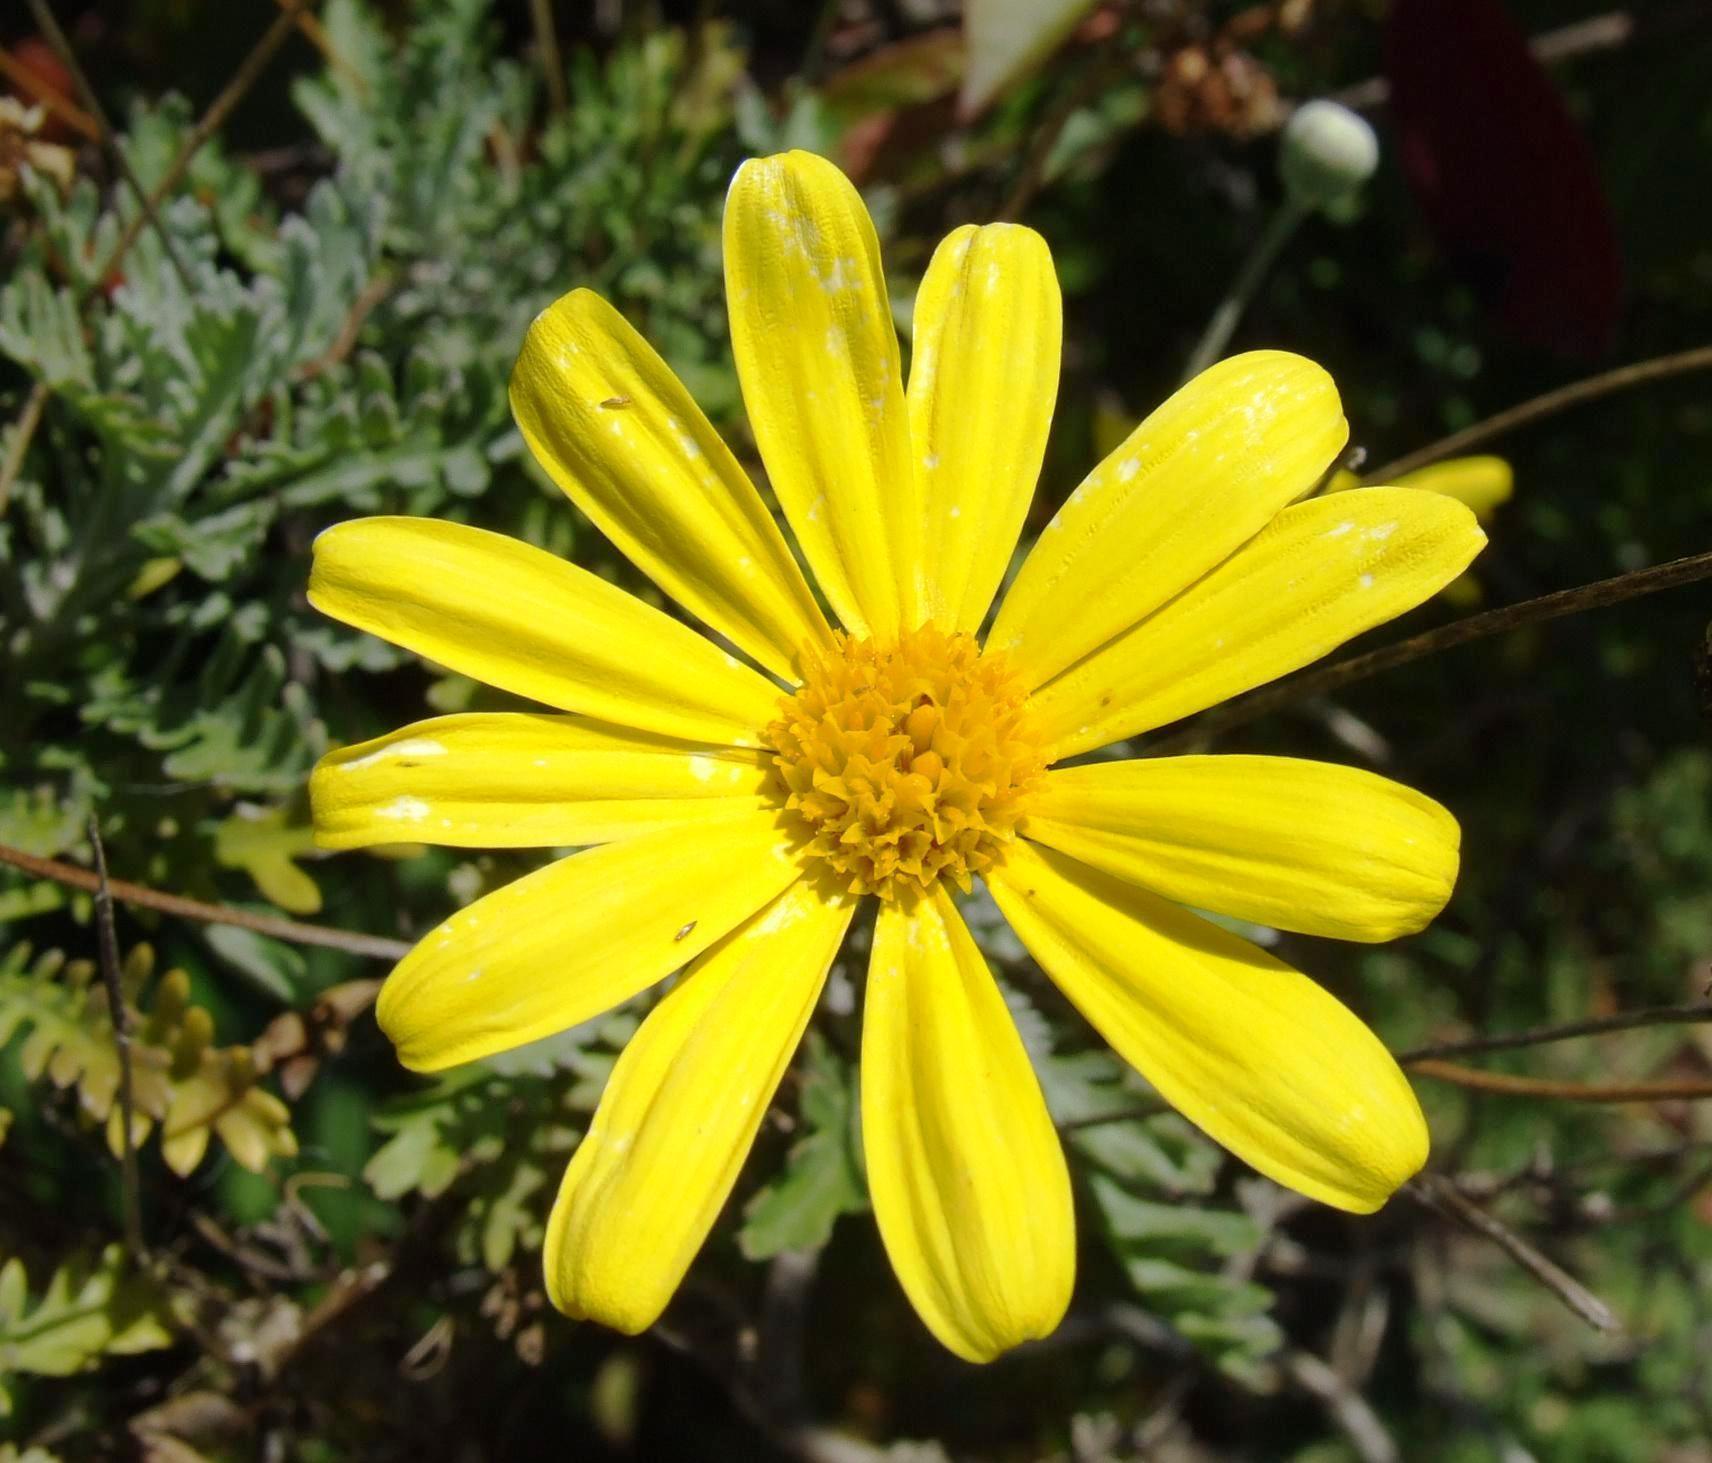 fileyellow daisy  wikipedia, Beautiful flower